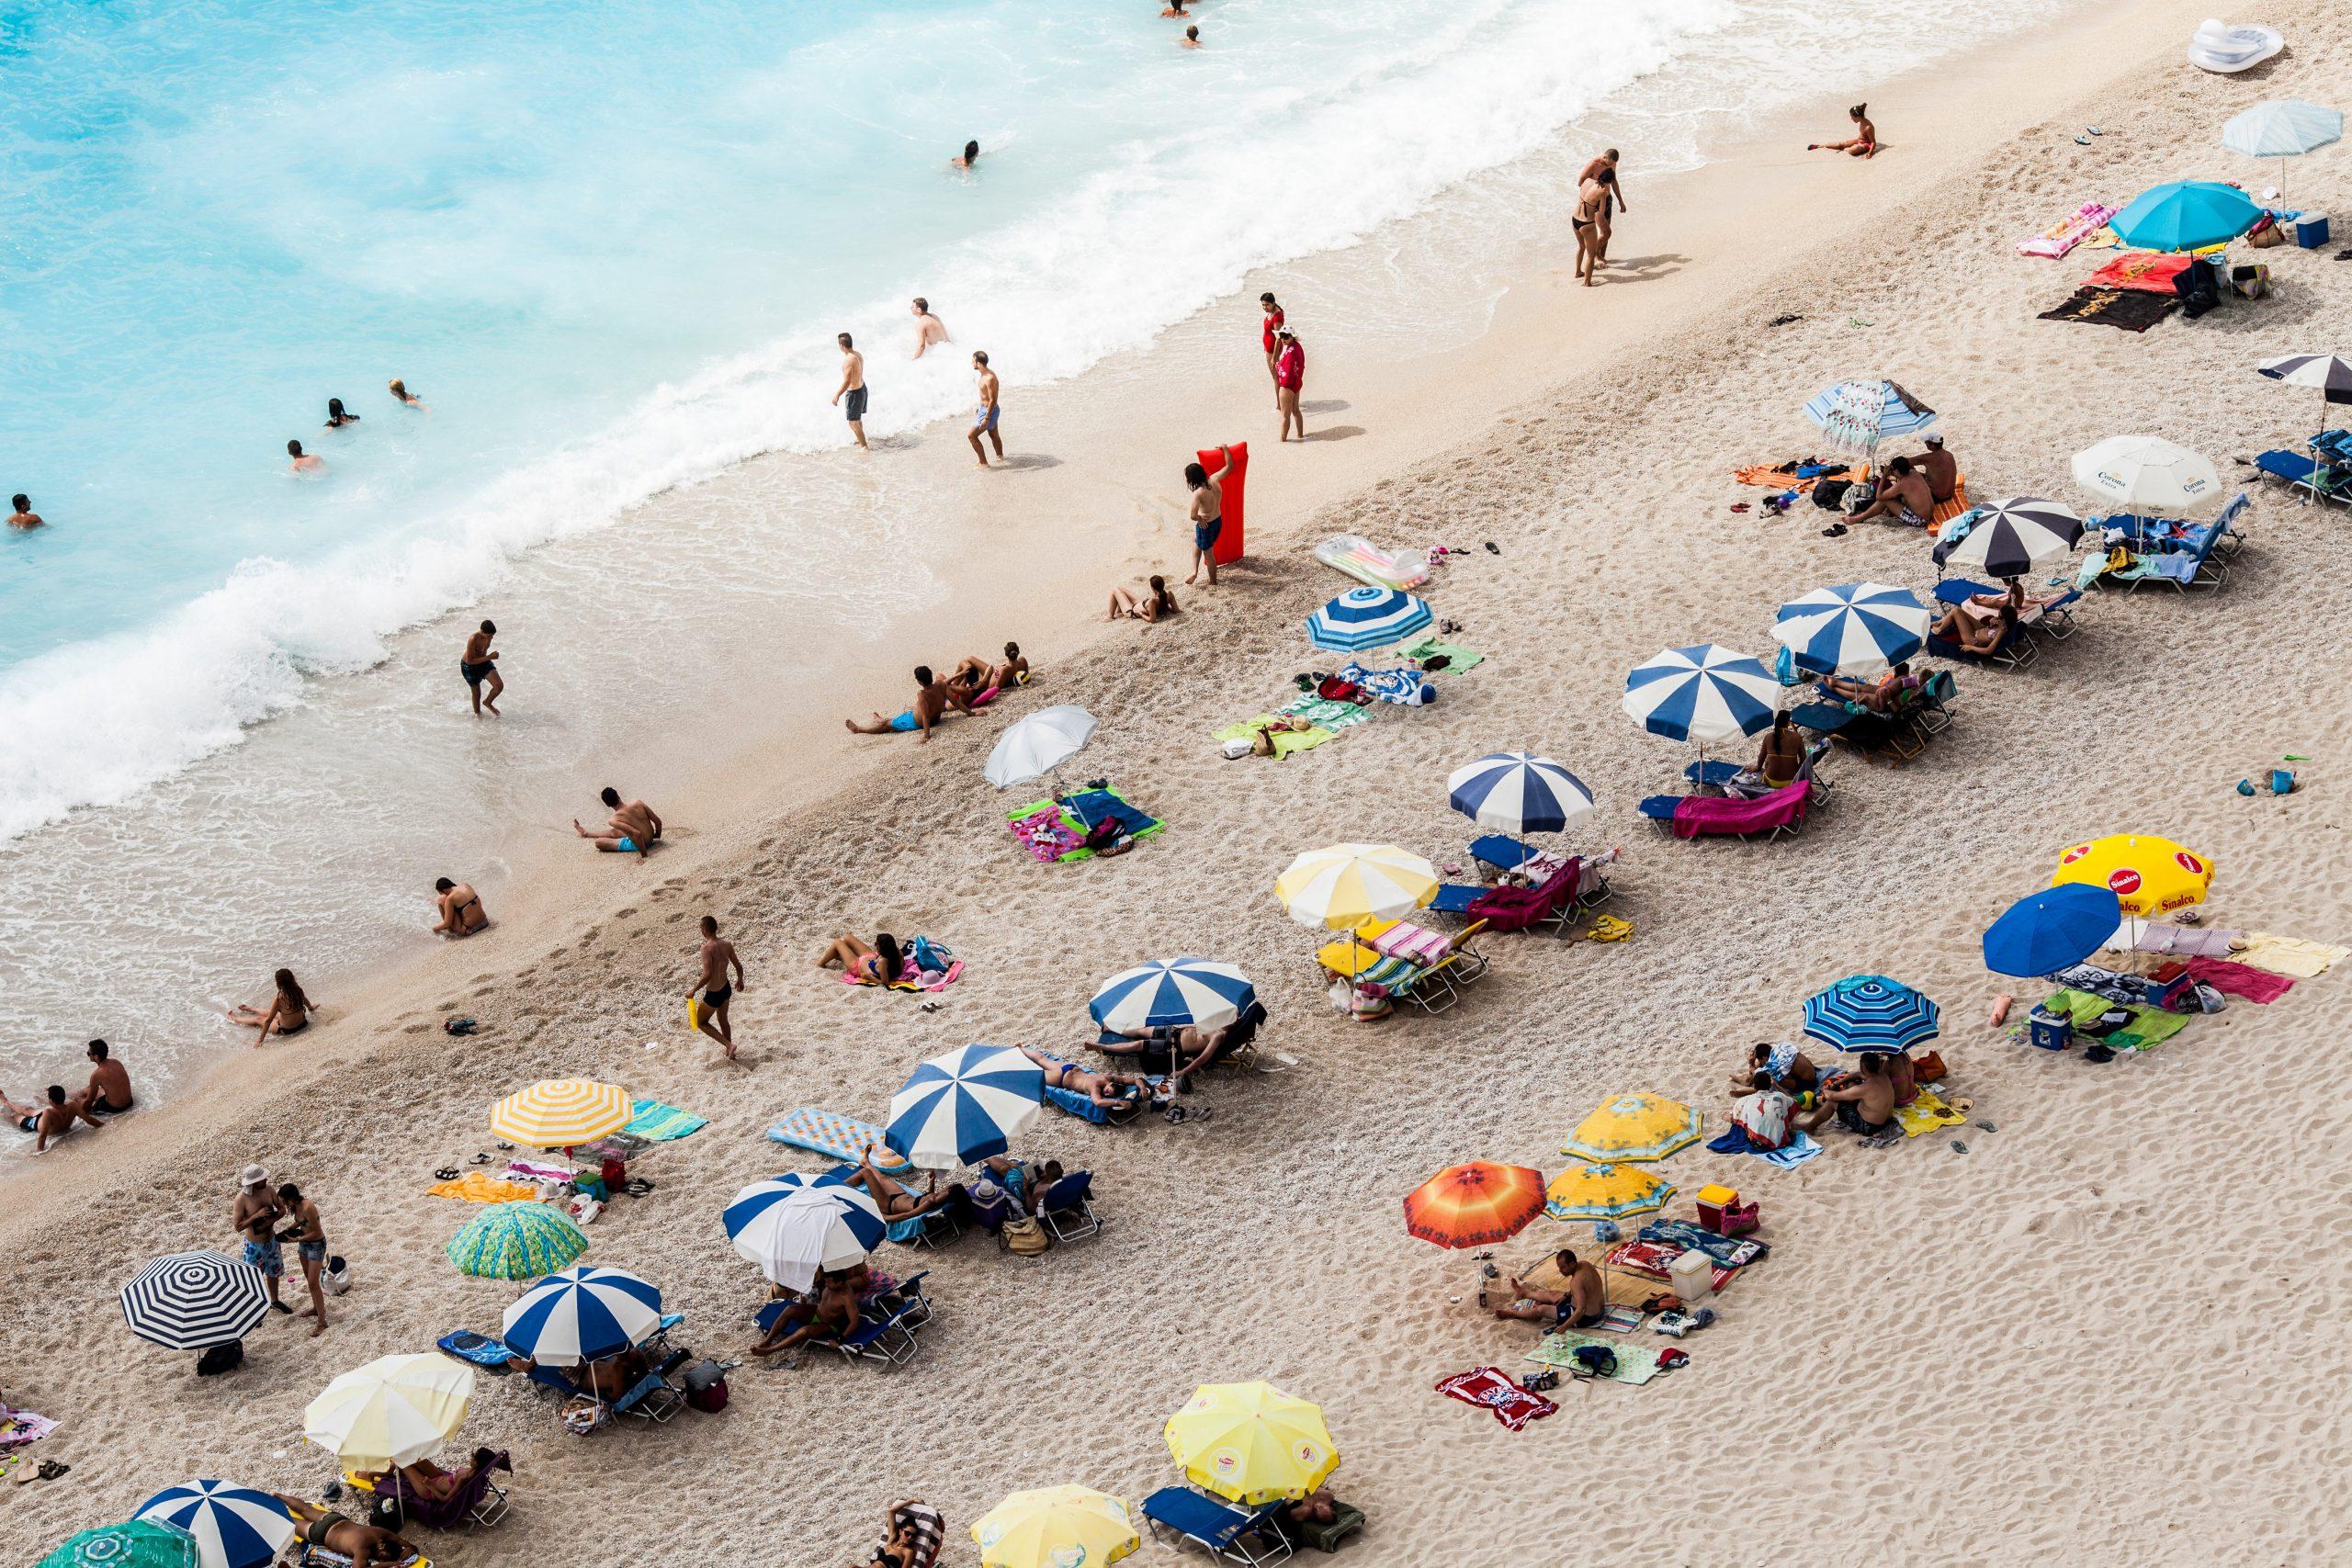 Bon turystyczny okiem przedsiębiorcy – podstawowe informacje